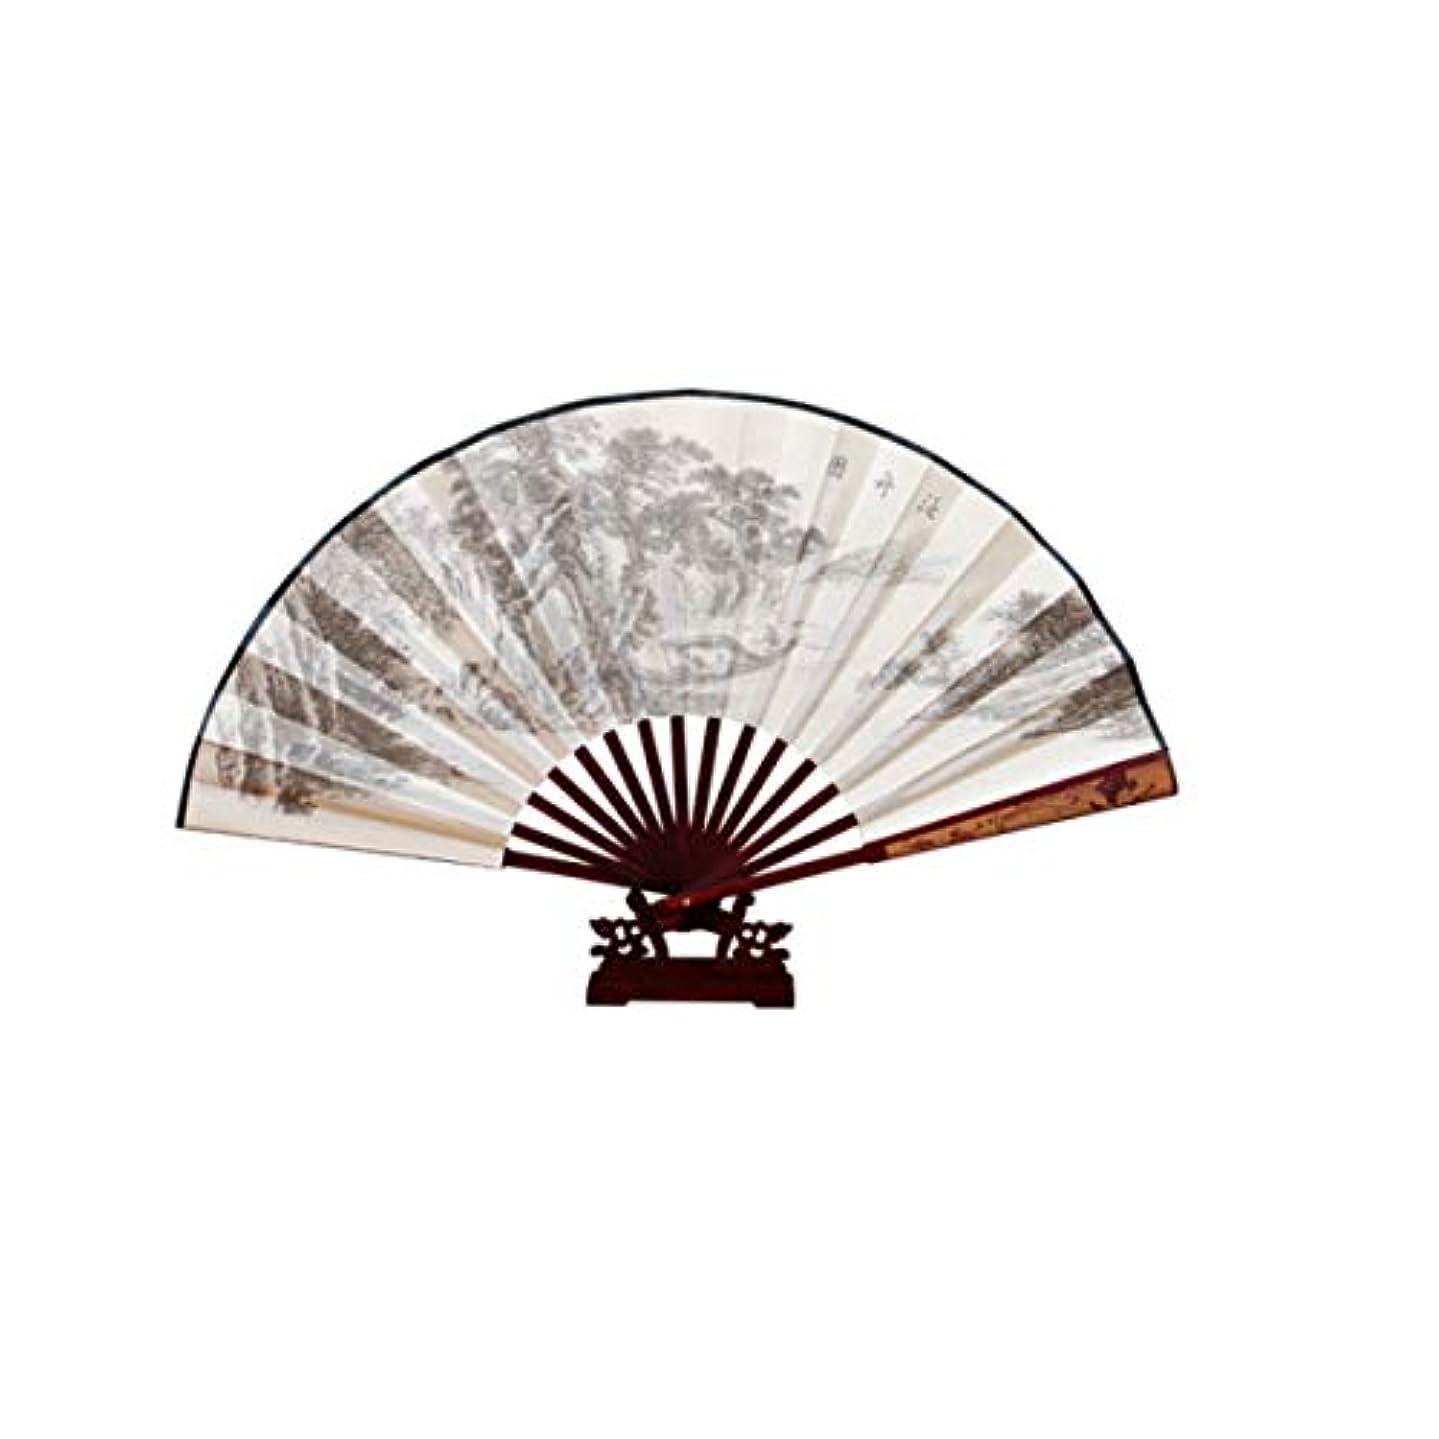 等しいぬるいジョガーKATH ファン、シルクファン、中国の特別な贈り物、クリエイティブ?ギフト扇子